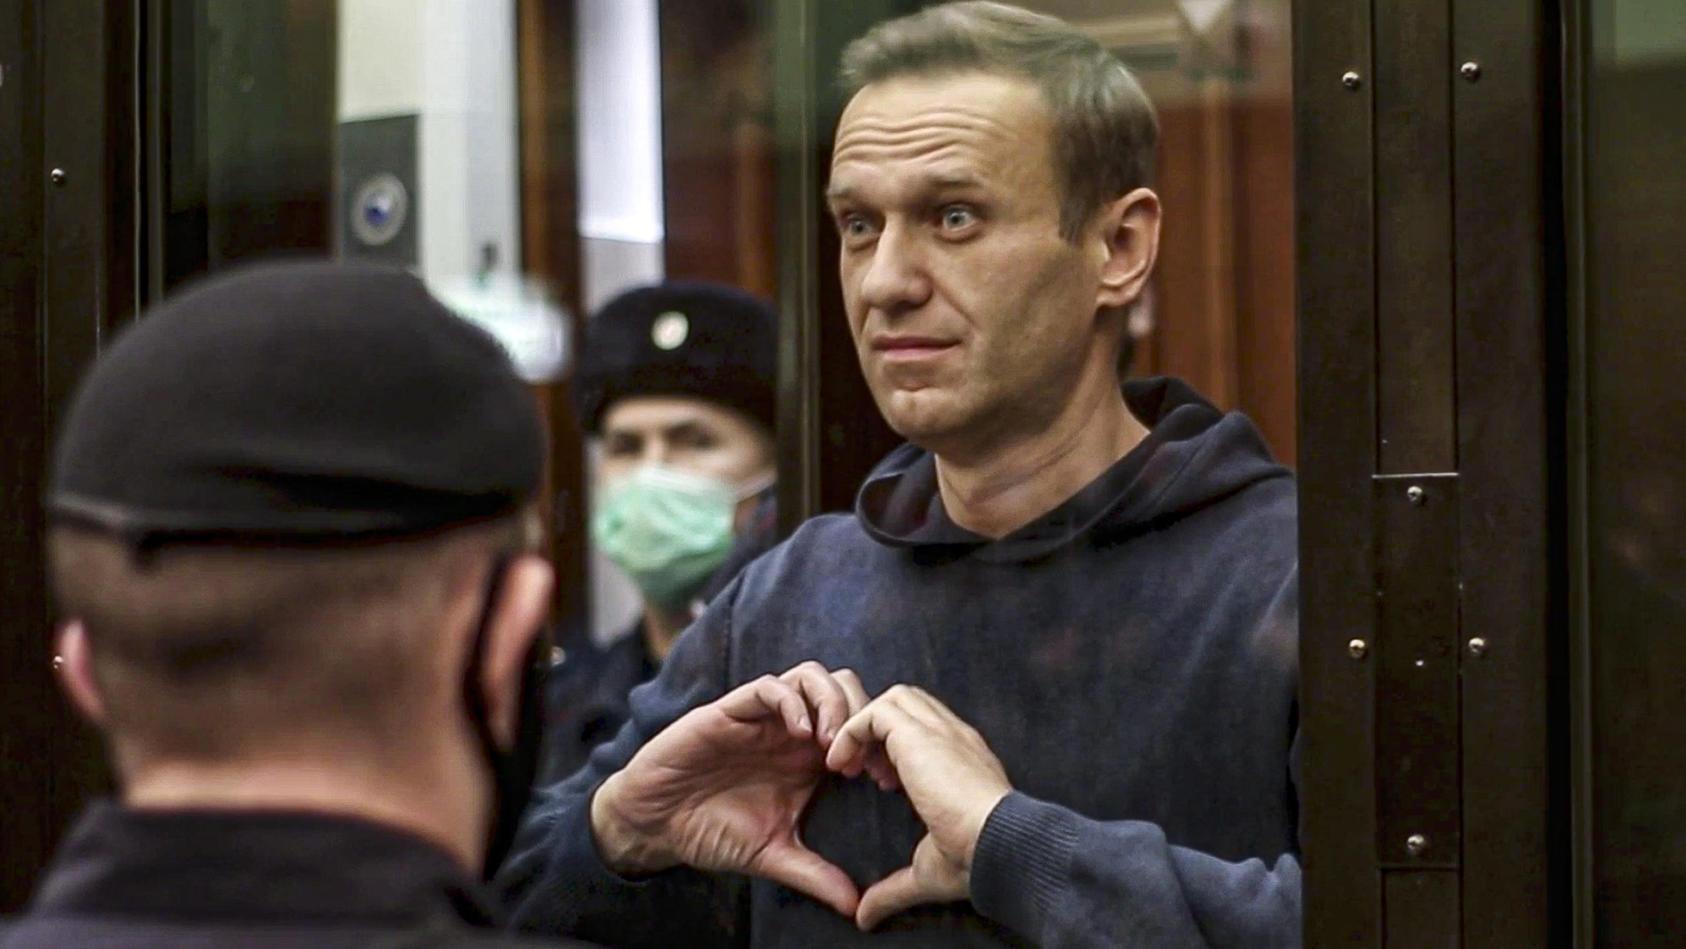 Gericht verurteilt Kremlgegner Nawalny - das Urteil ist schon jetzt geschichtsträchtig